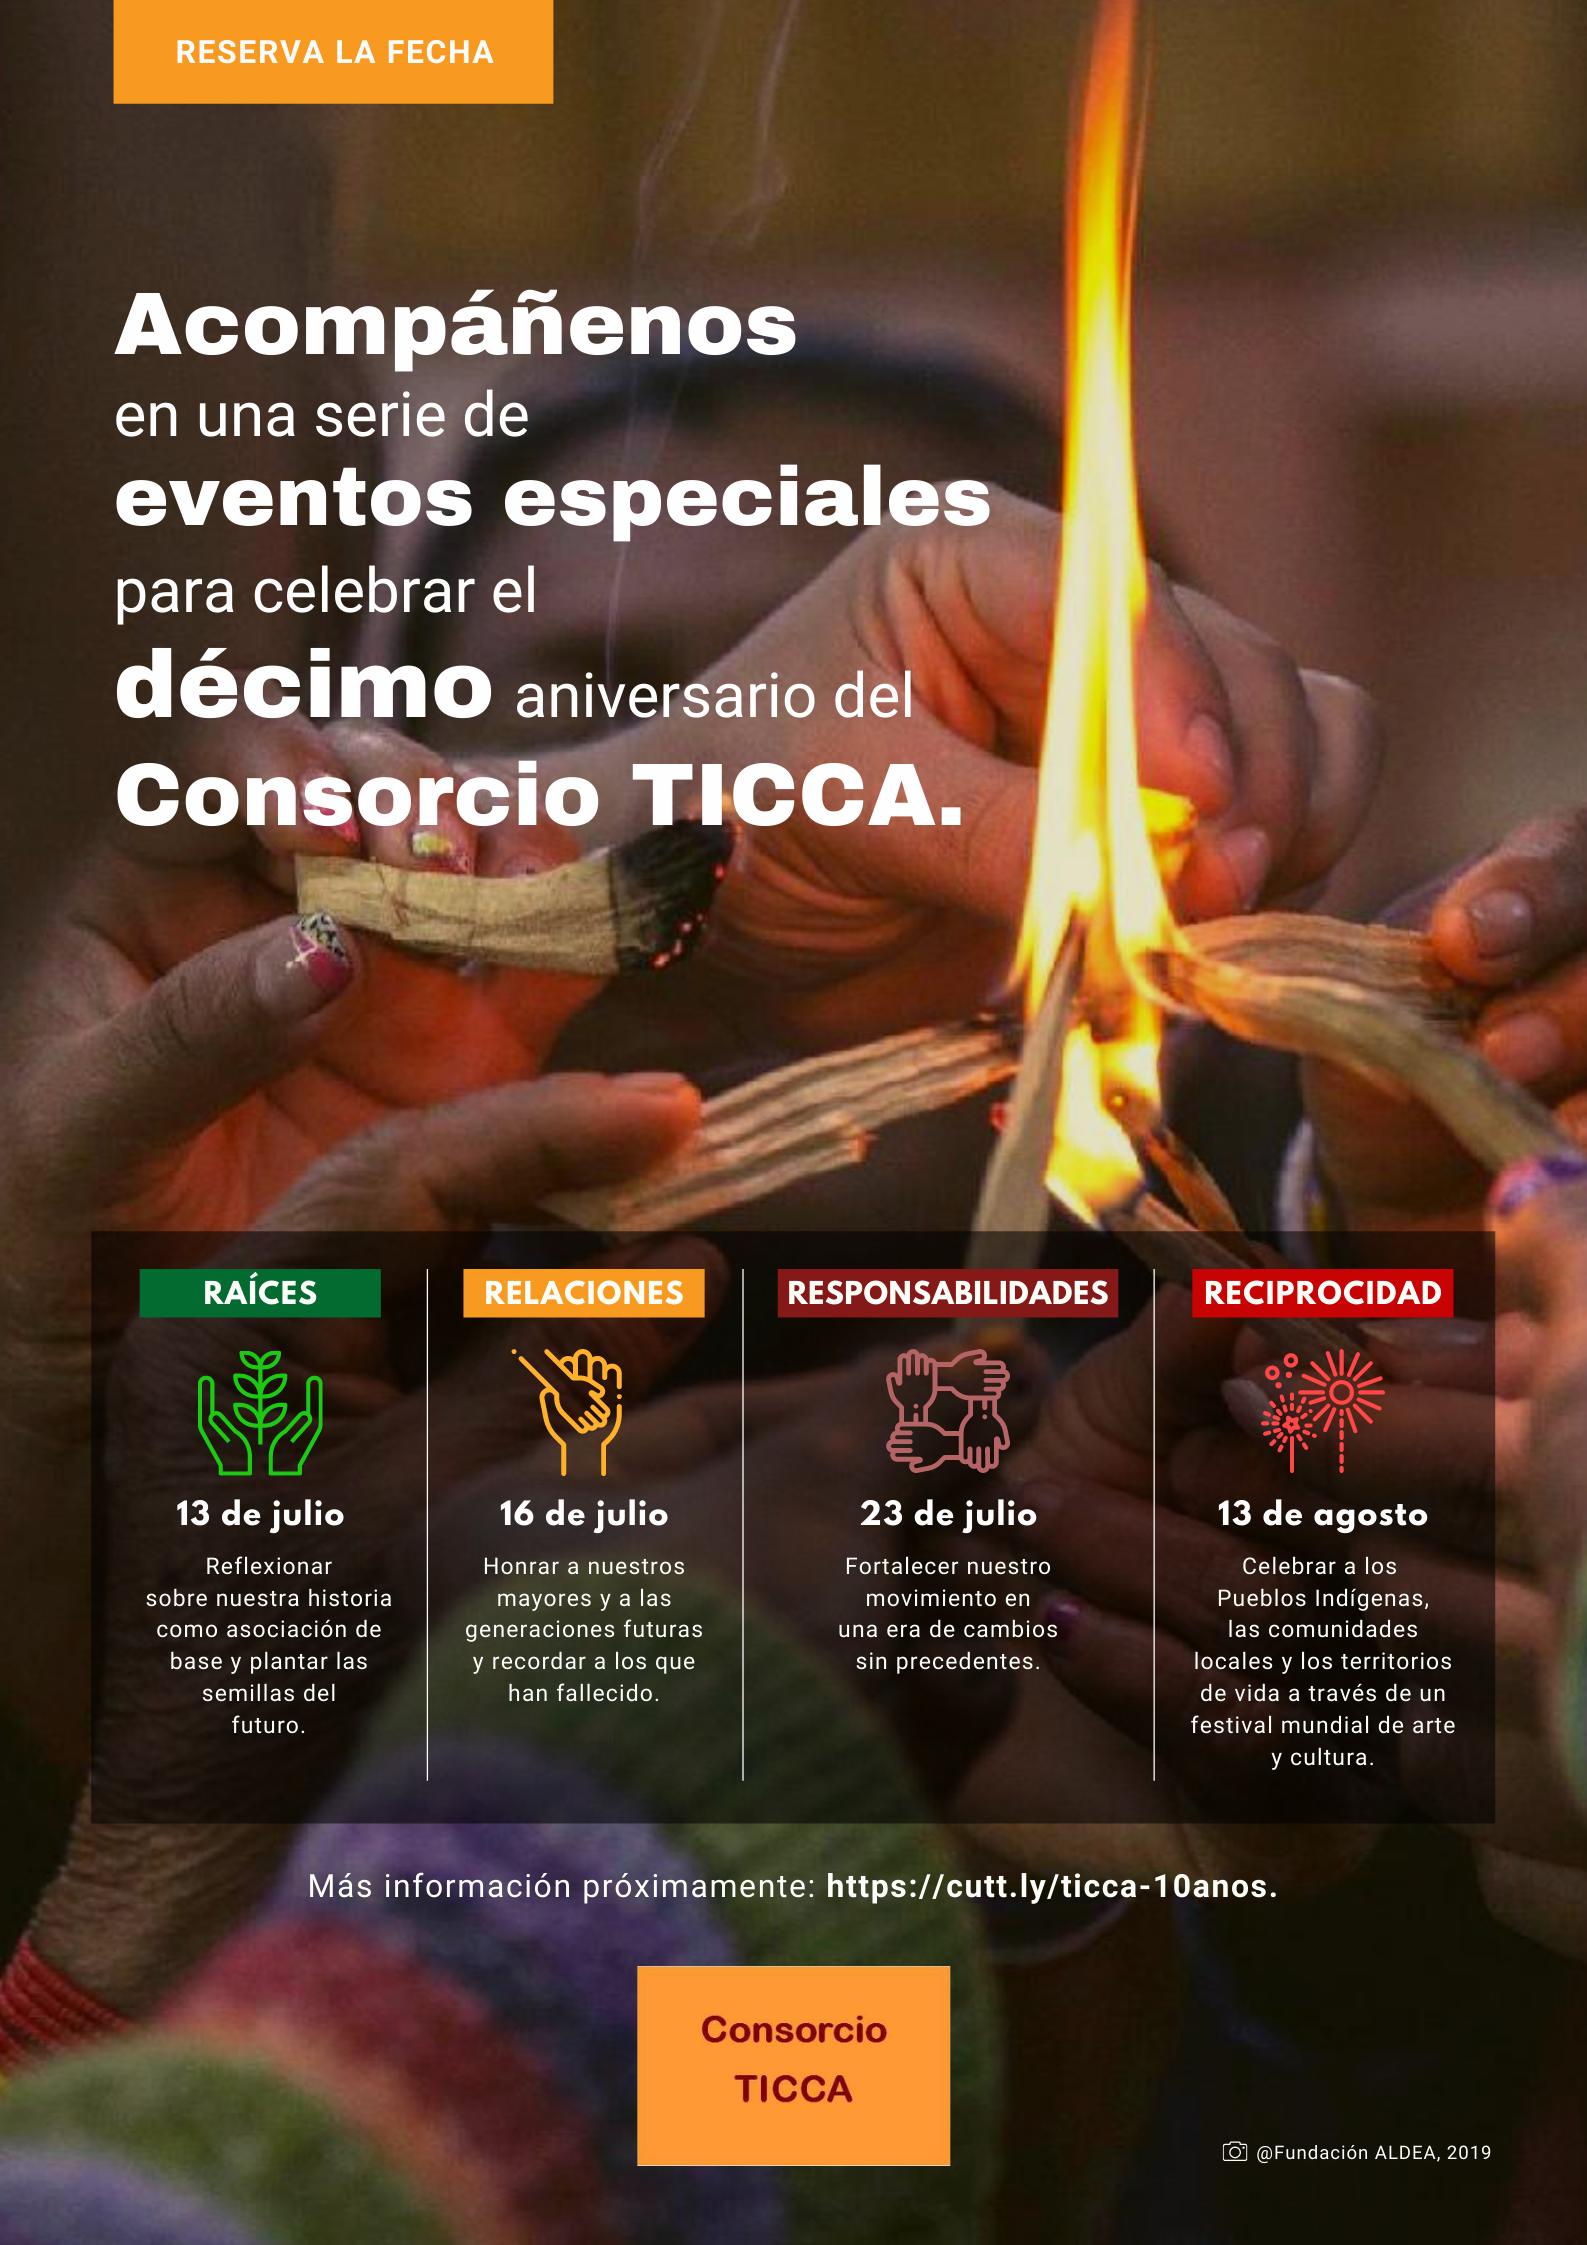 Celebrando el Décimo Aniversario del Consorcio TICCA